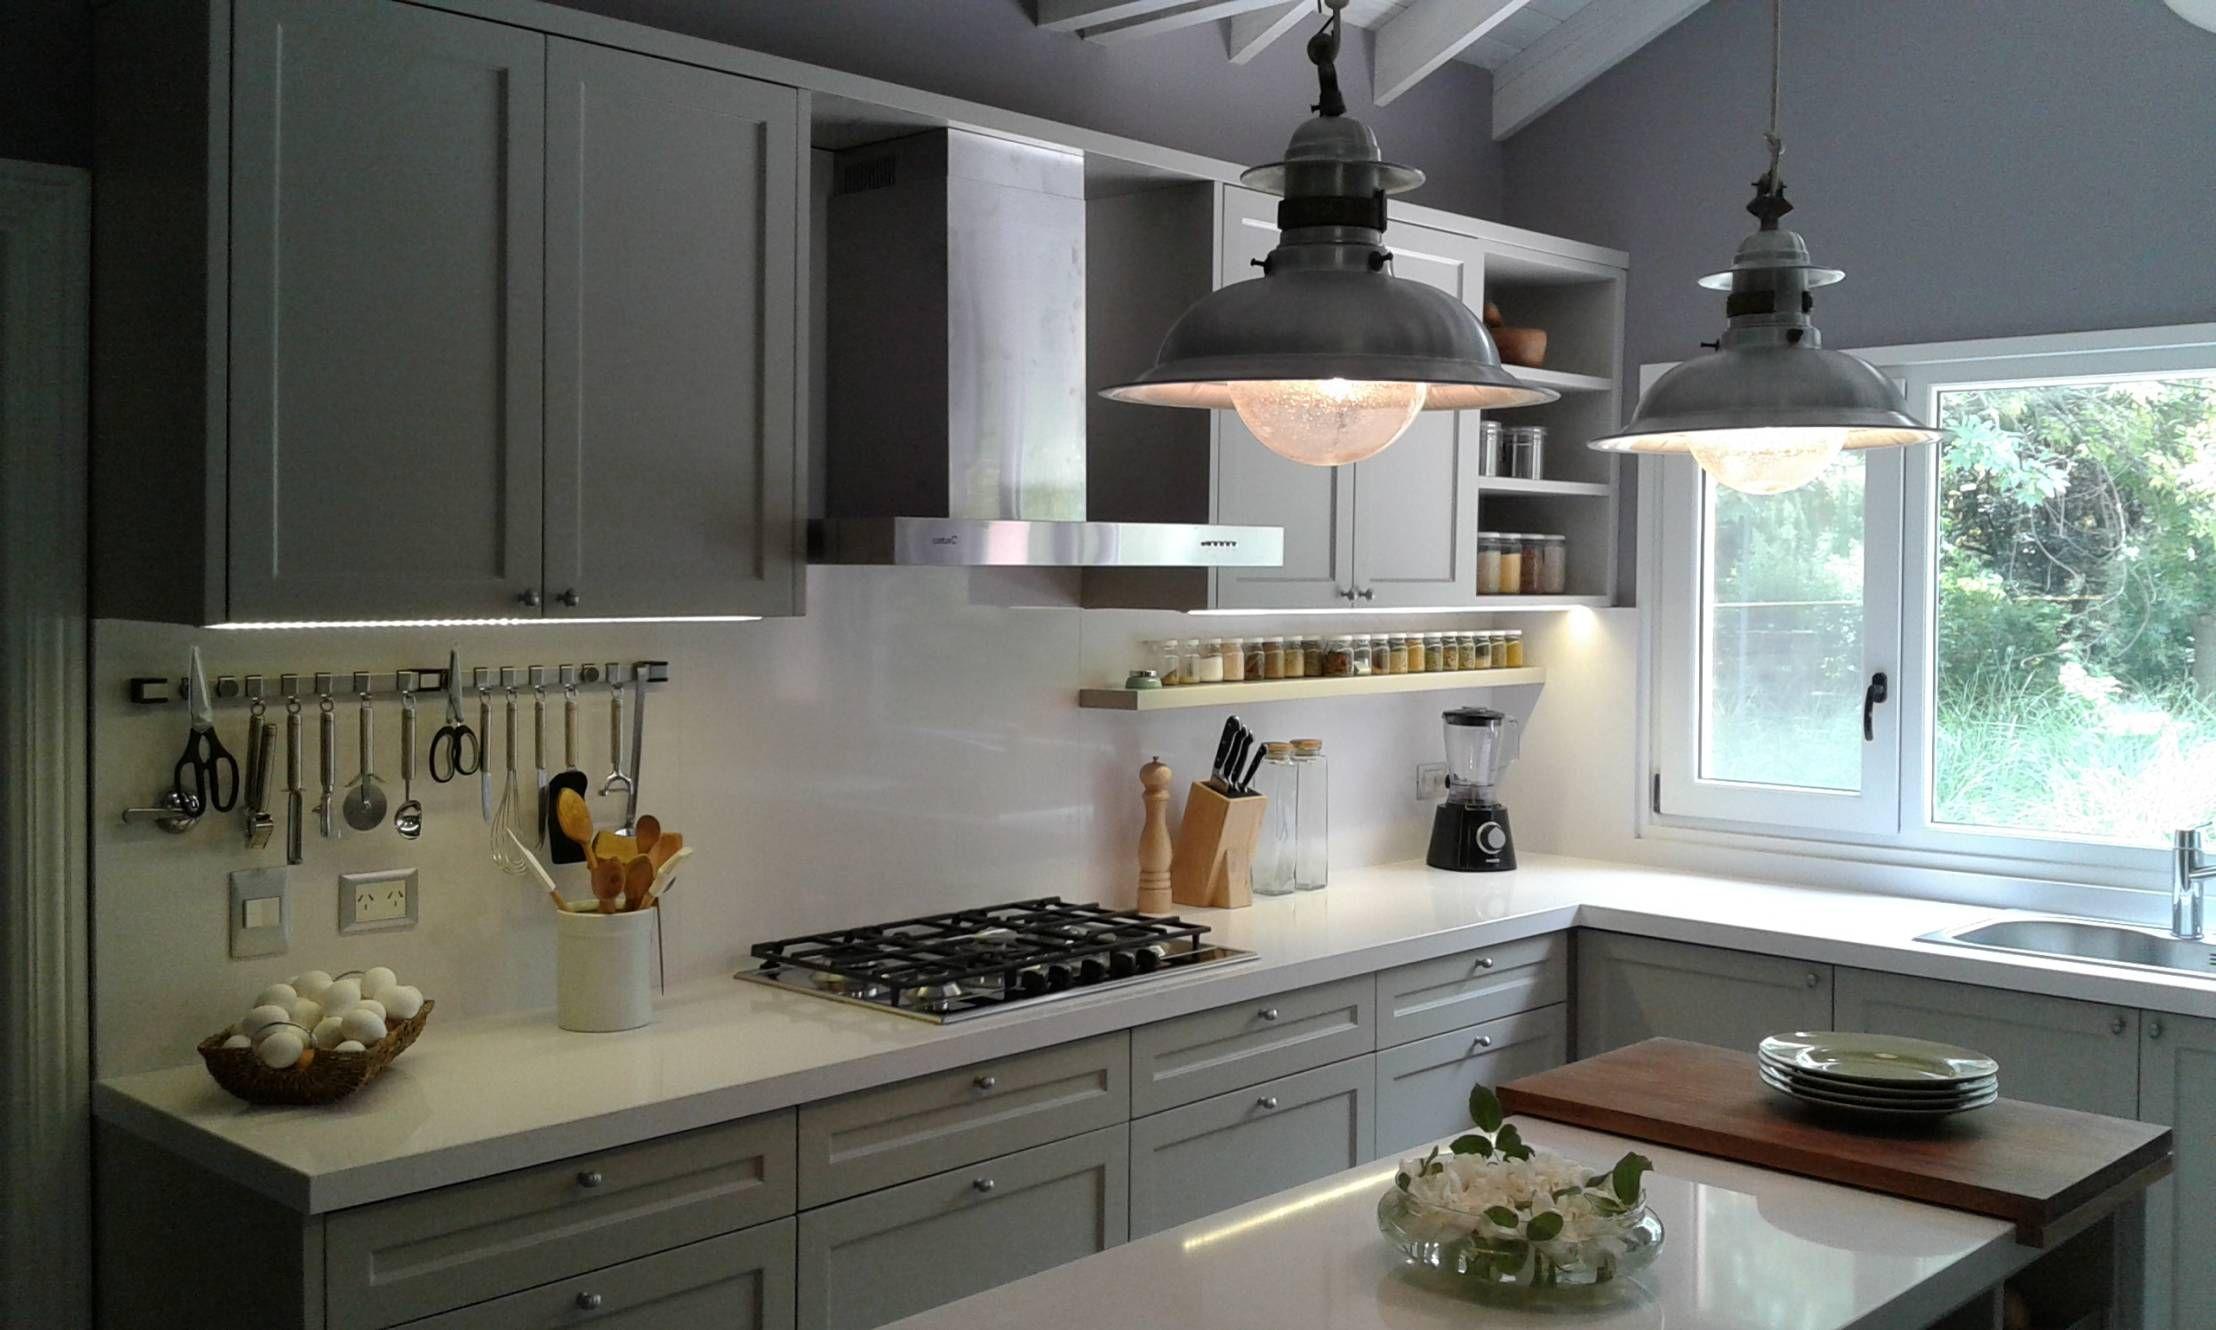 Disea tu propia cocina elegant excepcional soar cocinas for Disenar mi propia cocina gratis